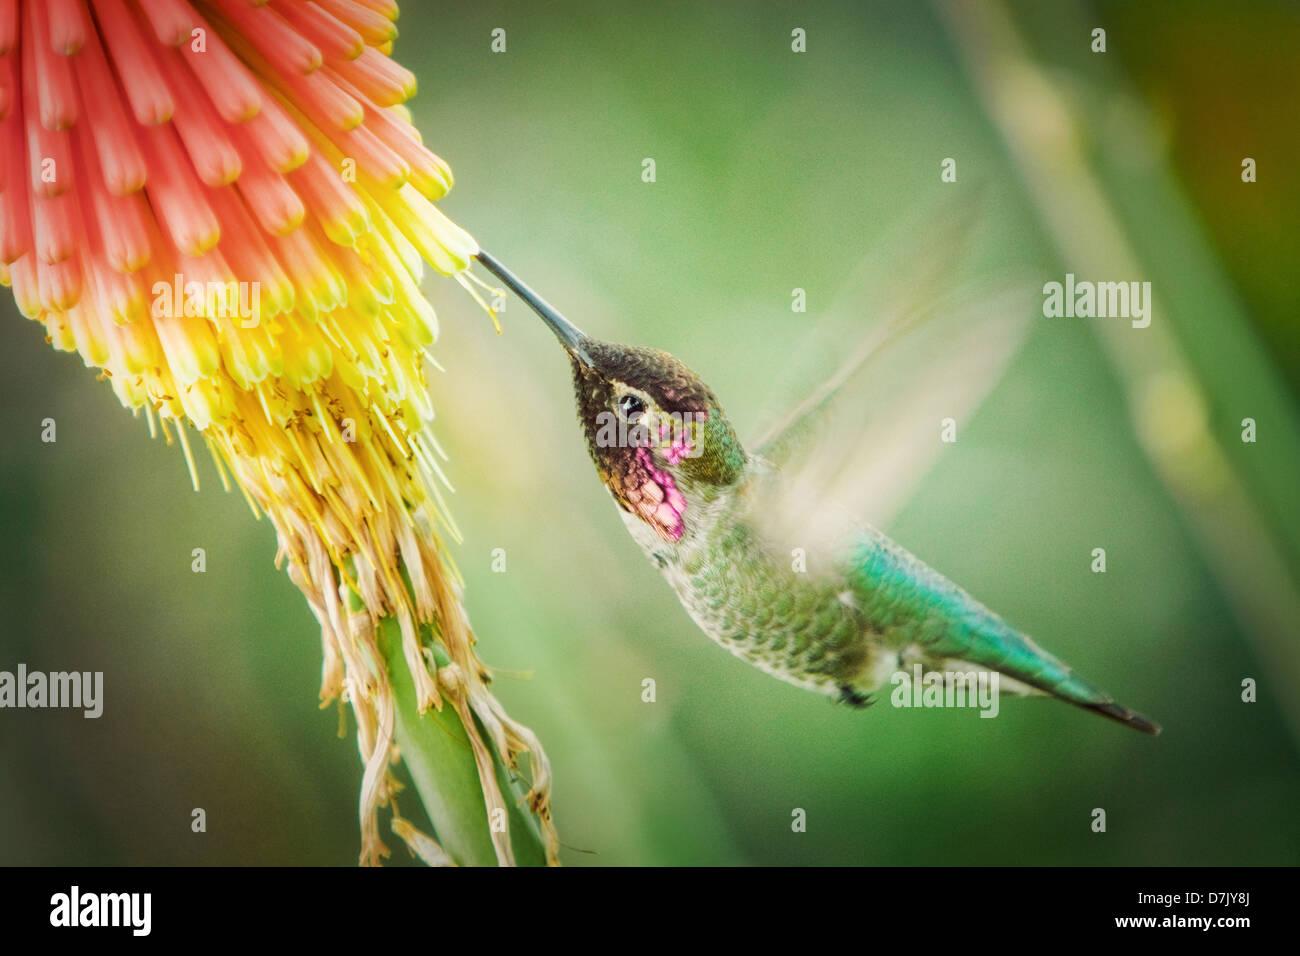 grün rosa Kolibri ernähren sich von Nektar von Blume Stockbild